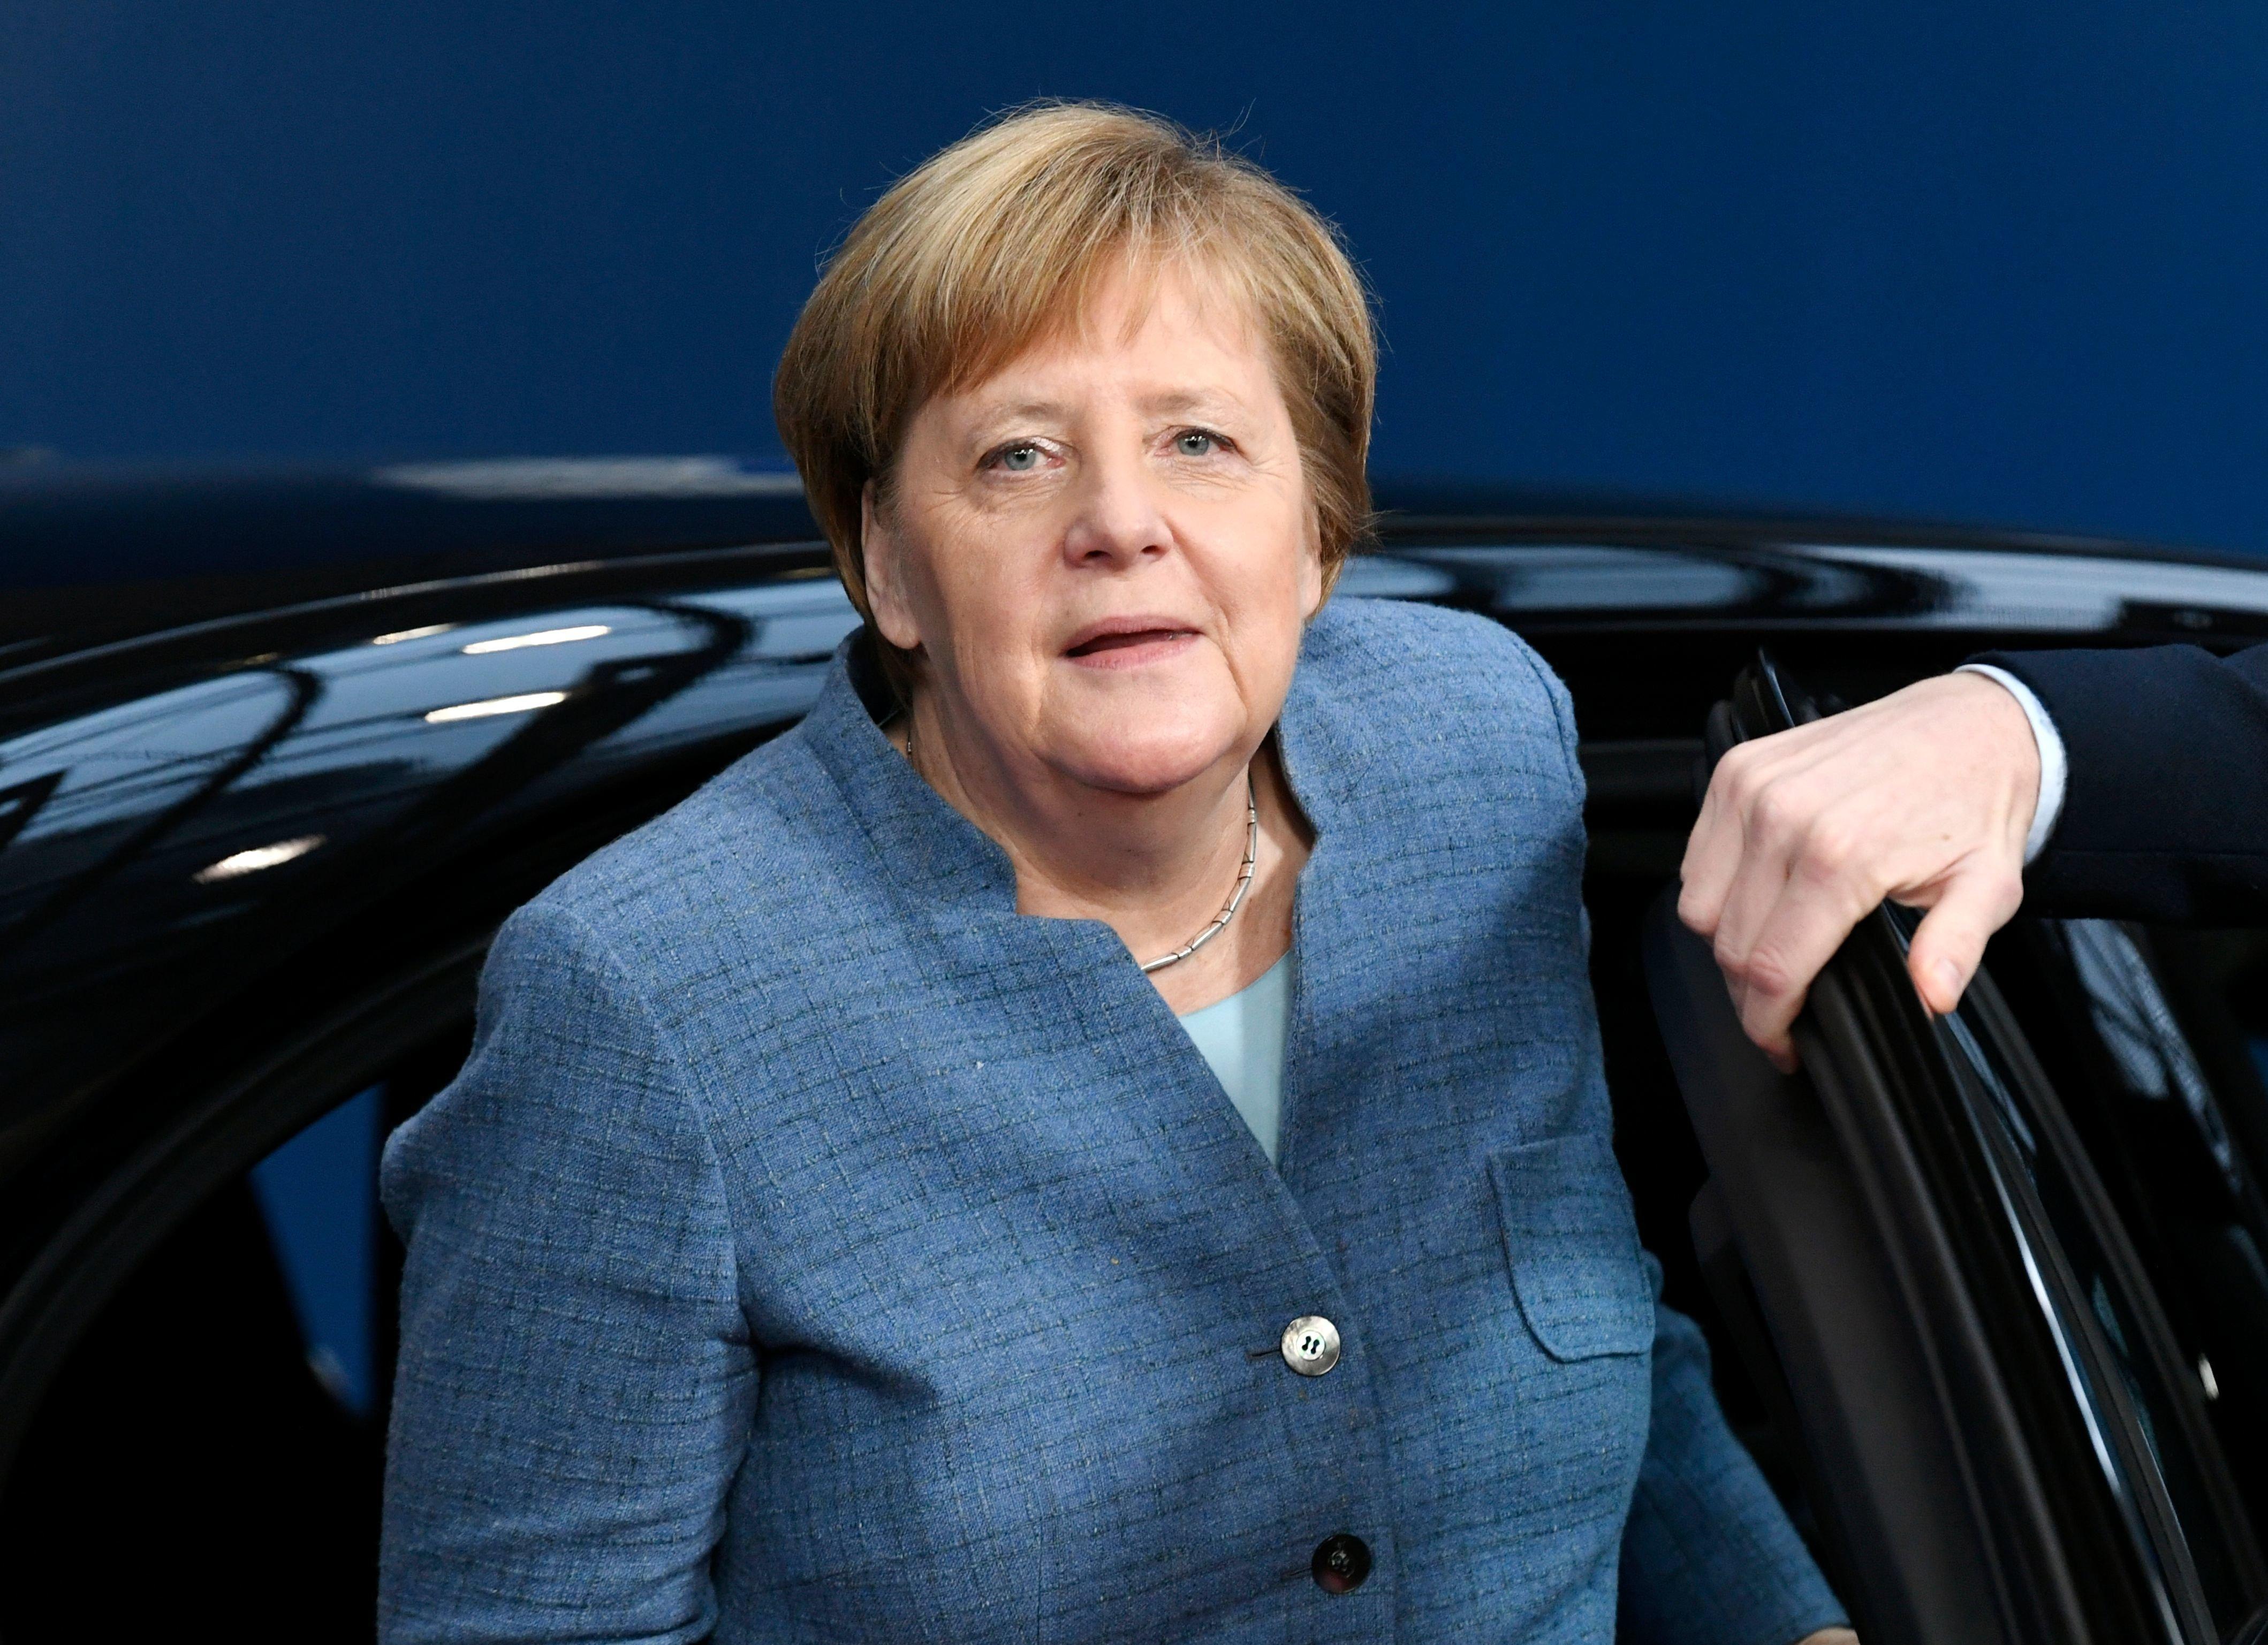 """Merkel nennt Brexit-Vertrag """"diplomatisches Kunststück"""" – aber erwartet harte neue Verhandlungsrunde"""